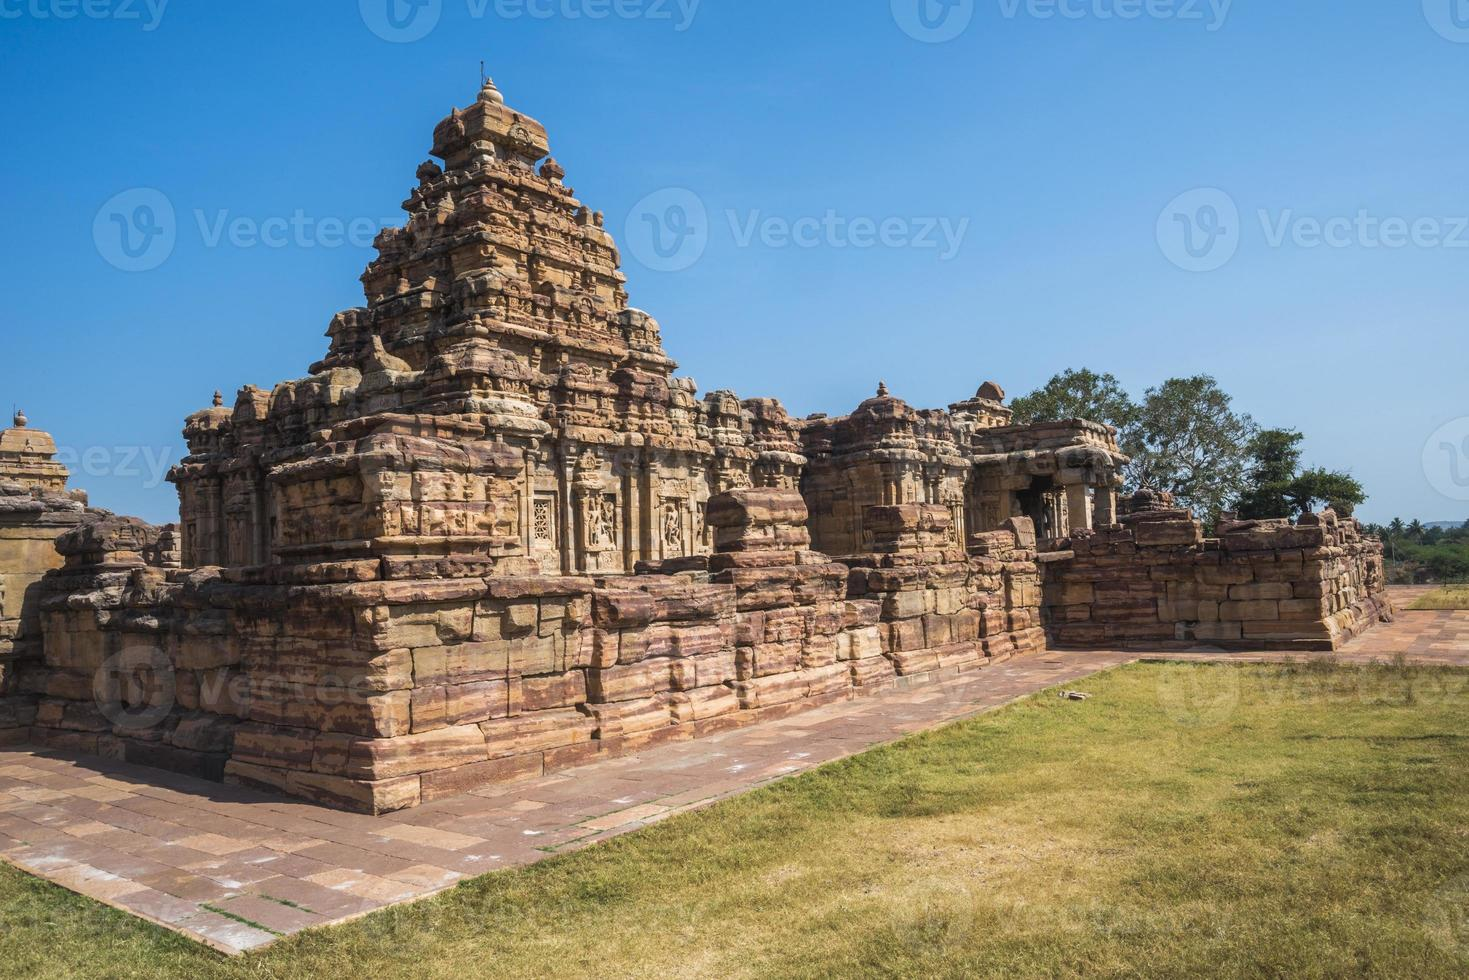 virupaksha tempel på pattadakal foto